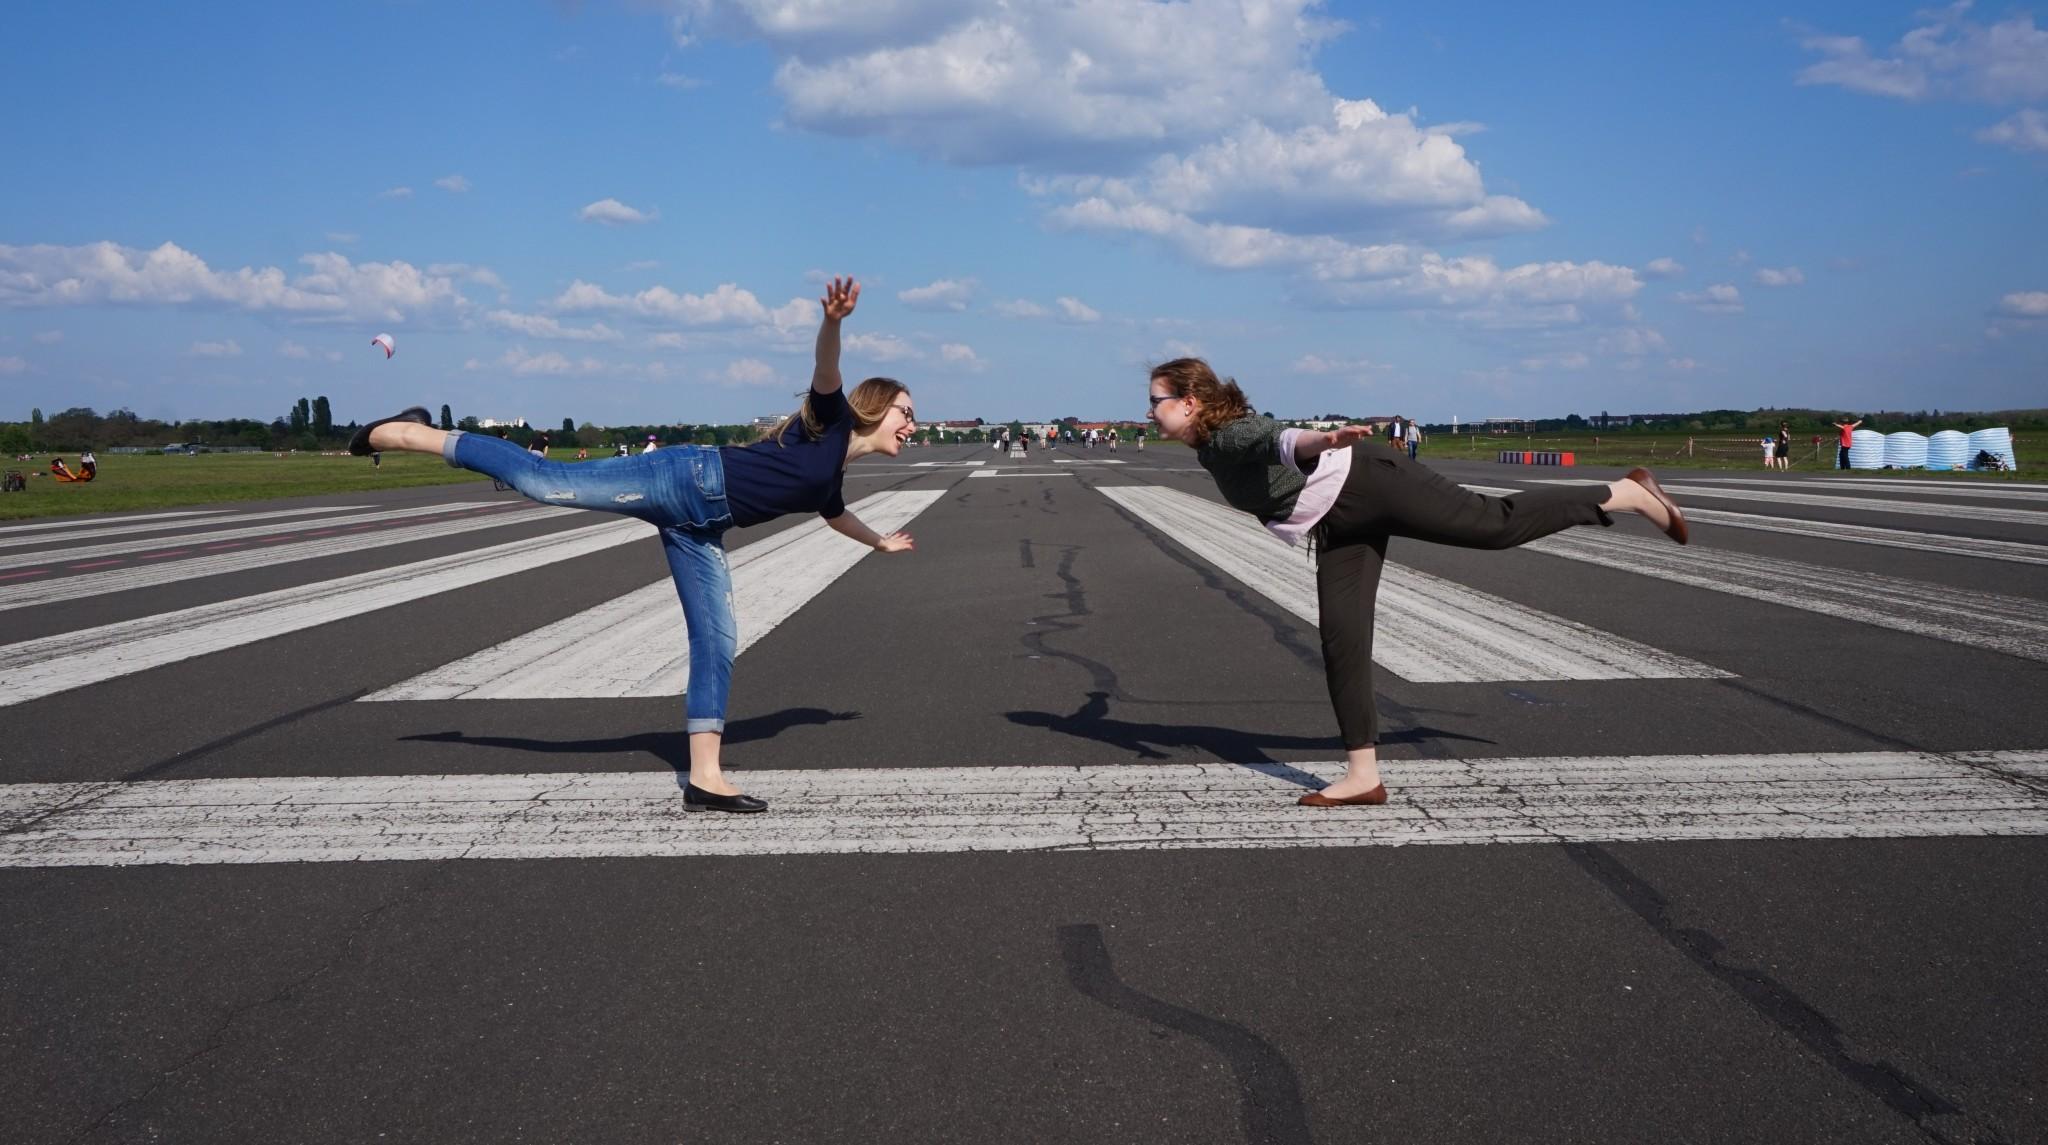 Tempelhofin lentokenttä (124)